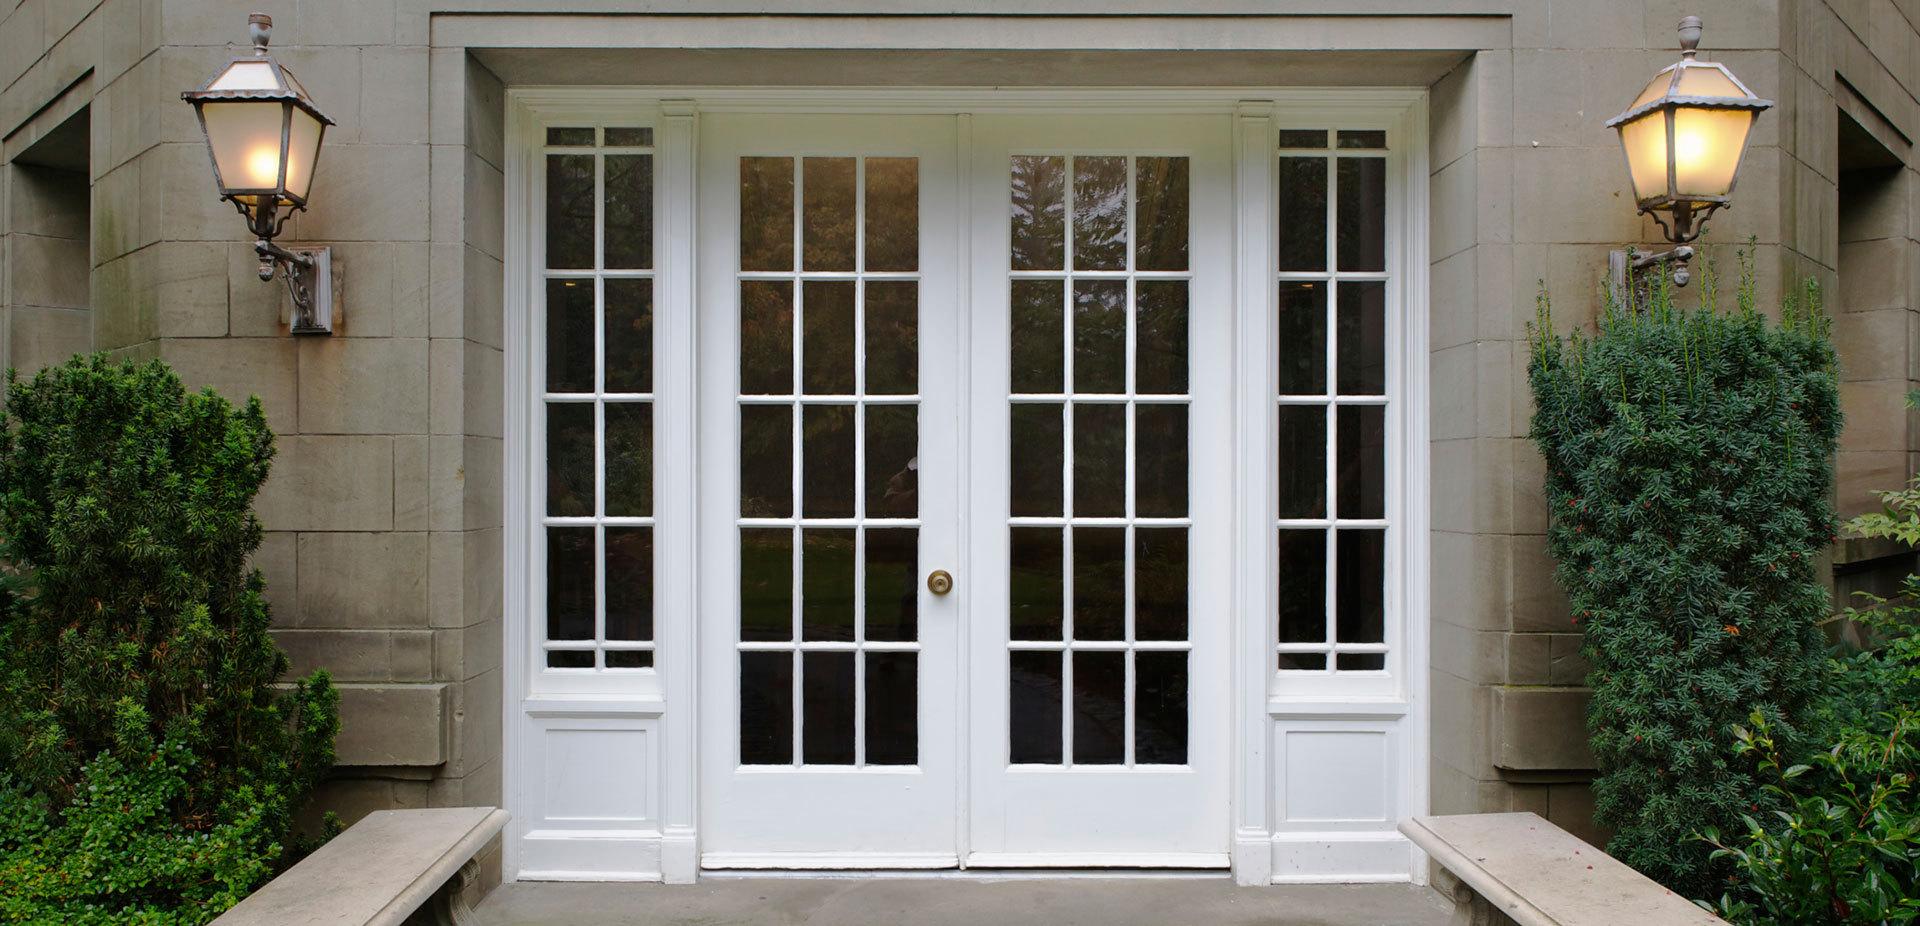 Decorating commercial door glass replacement pictures : Commercial Window Replacement in Erie, PA | Sliding Glass Doors